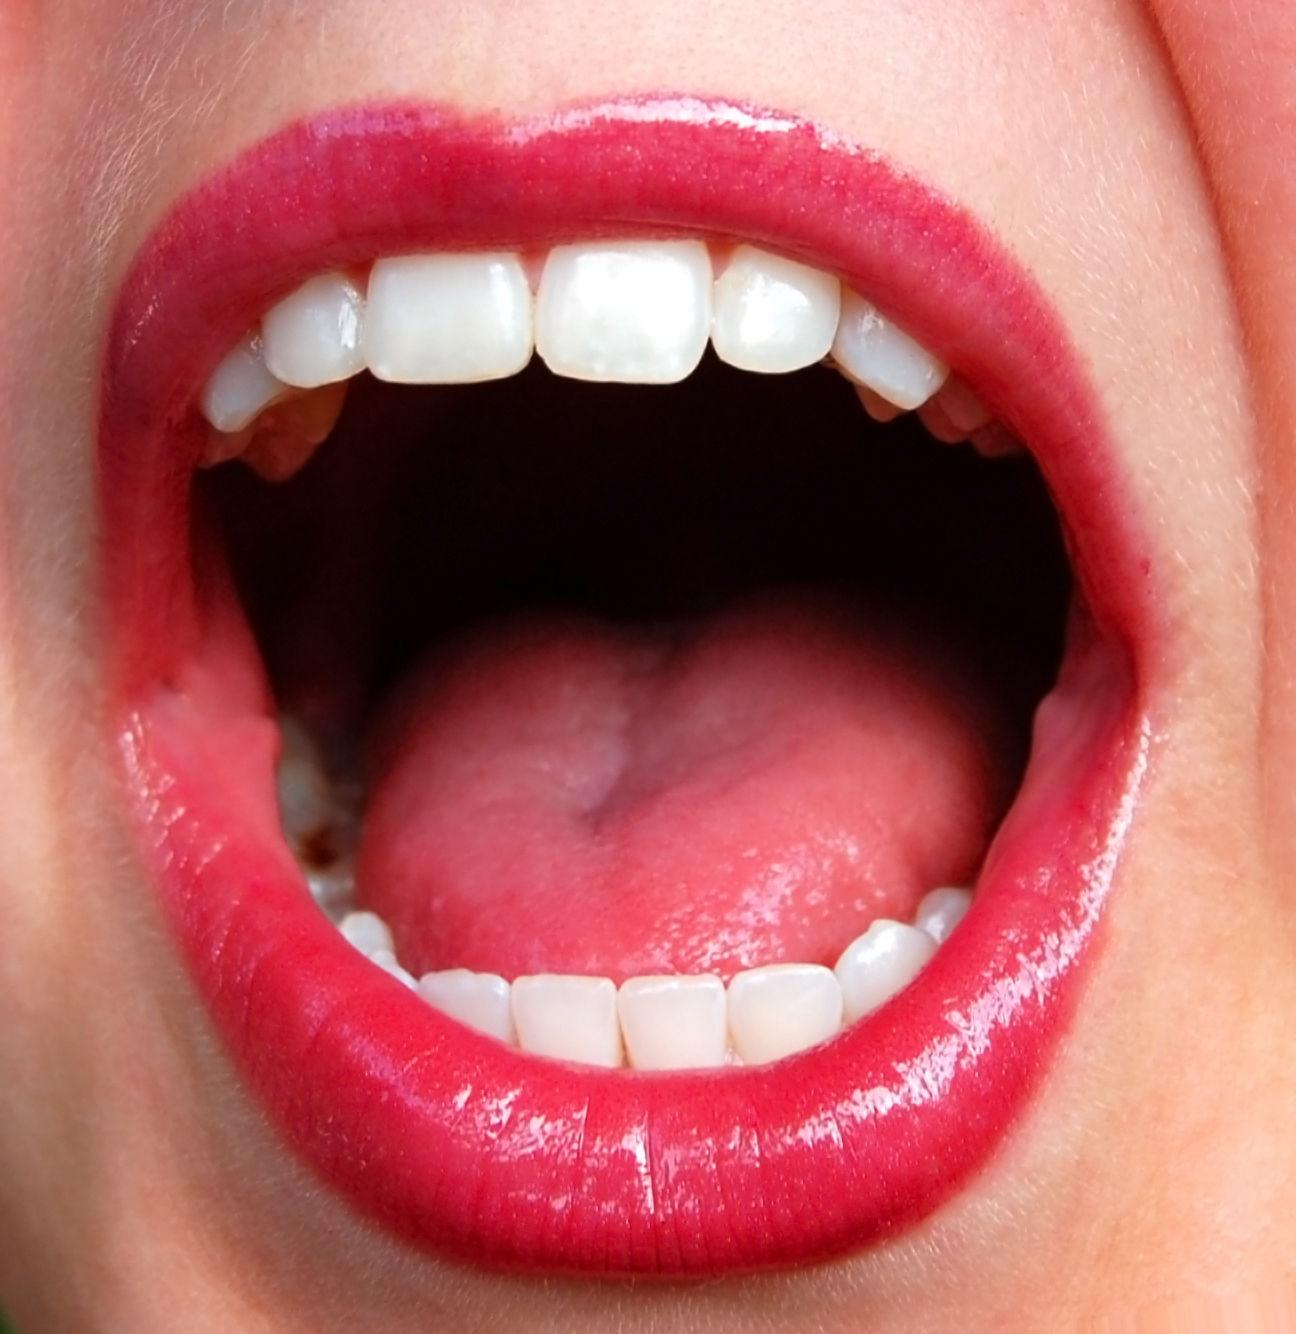 blanqueamientos,prótesis fija,ortodoncia invisible